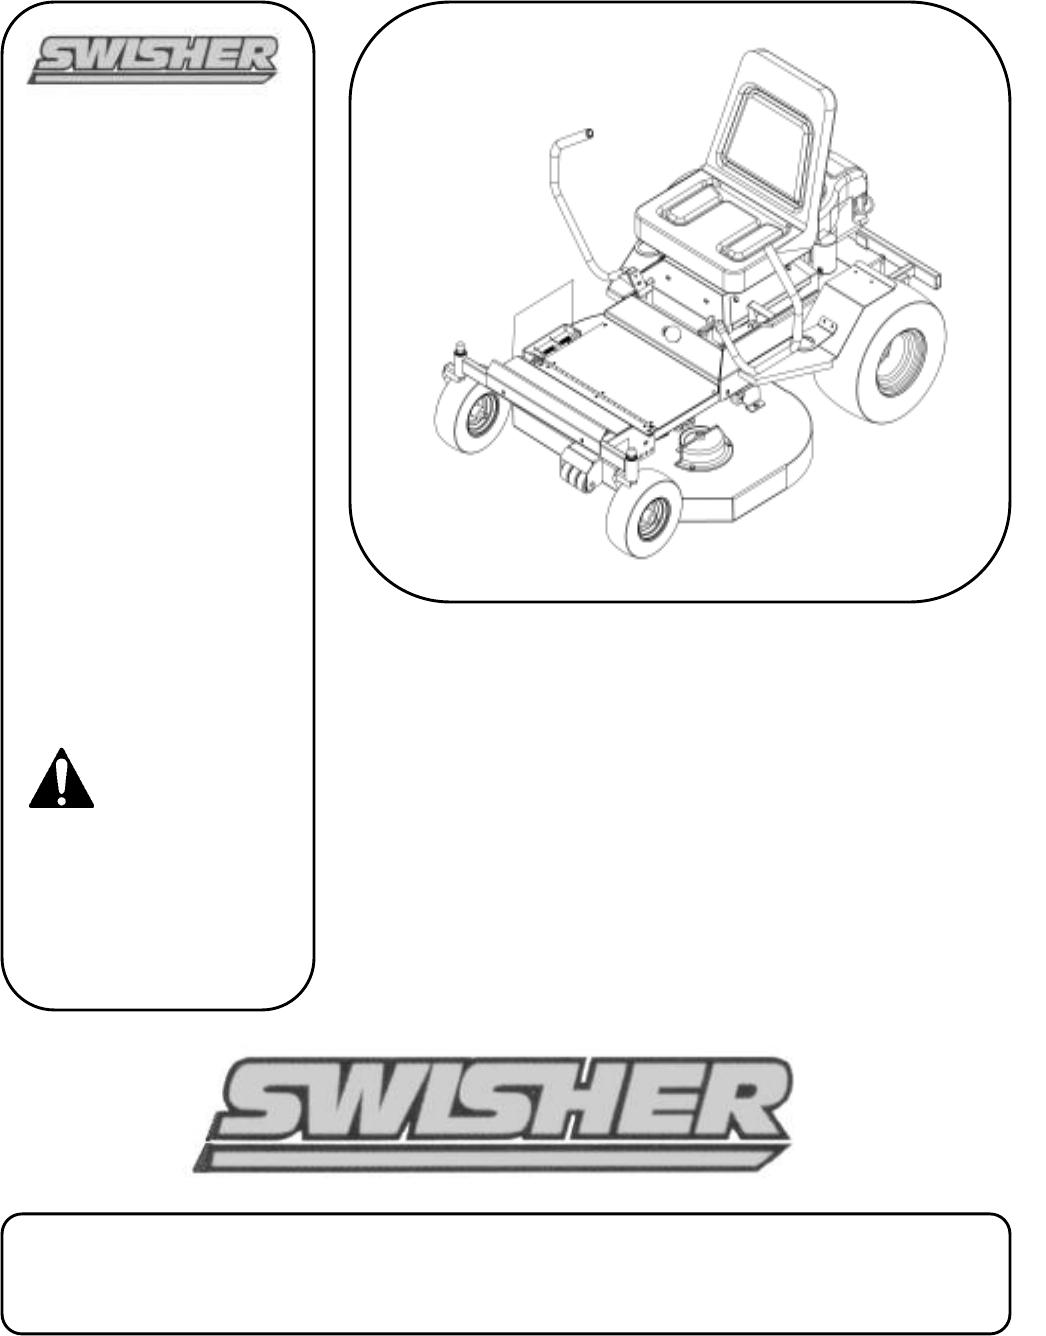 swisher lawn mower zt2250  zt1436b  zt18542 user guide swisher 44 trail mower manual swisher trail mower manual